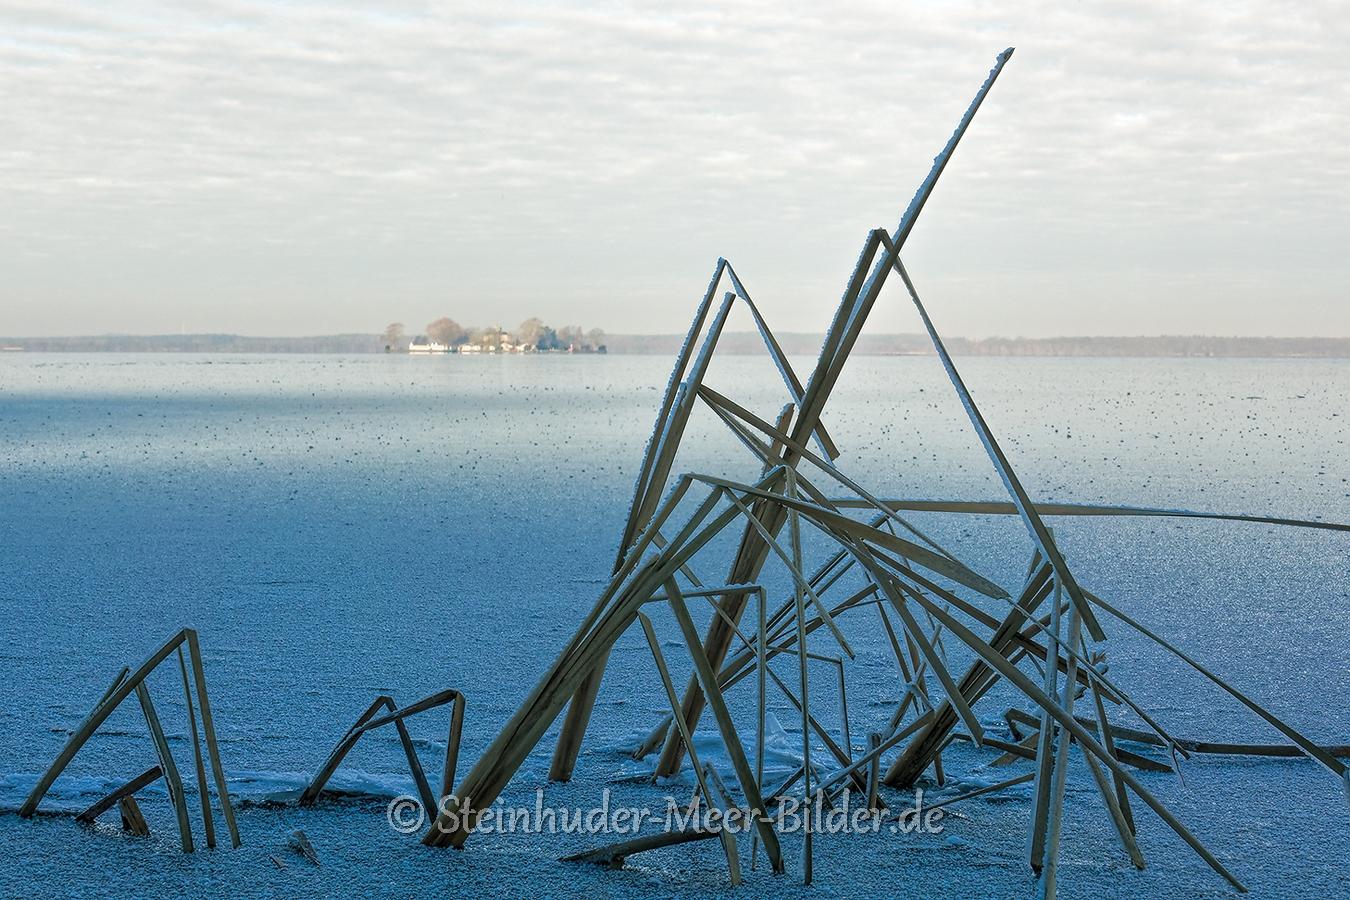 schilfhalme-winter-steinhuder-meer-eisdecke-schnee-zugefroren-eisdeckedecke-naturpark-naturraum-region-RX_01150